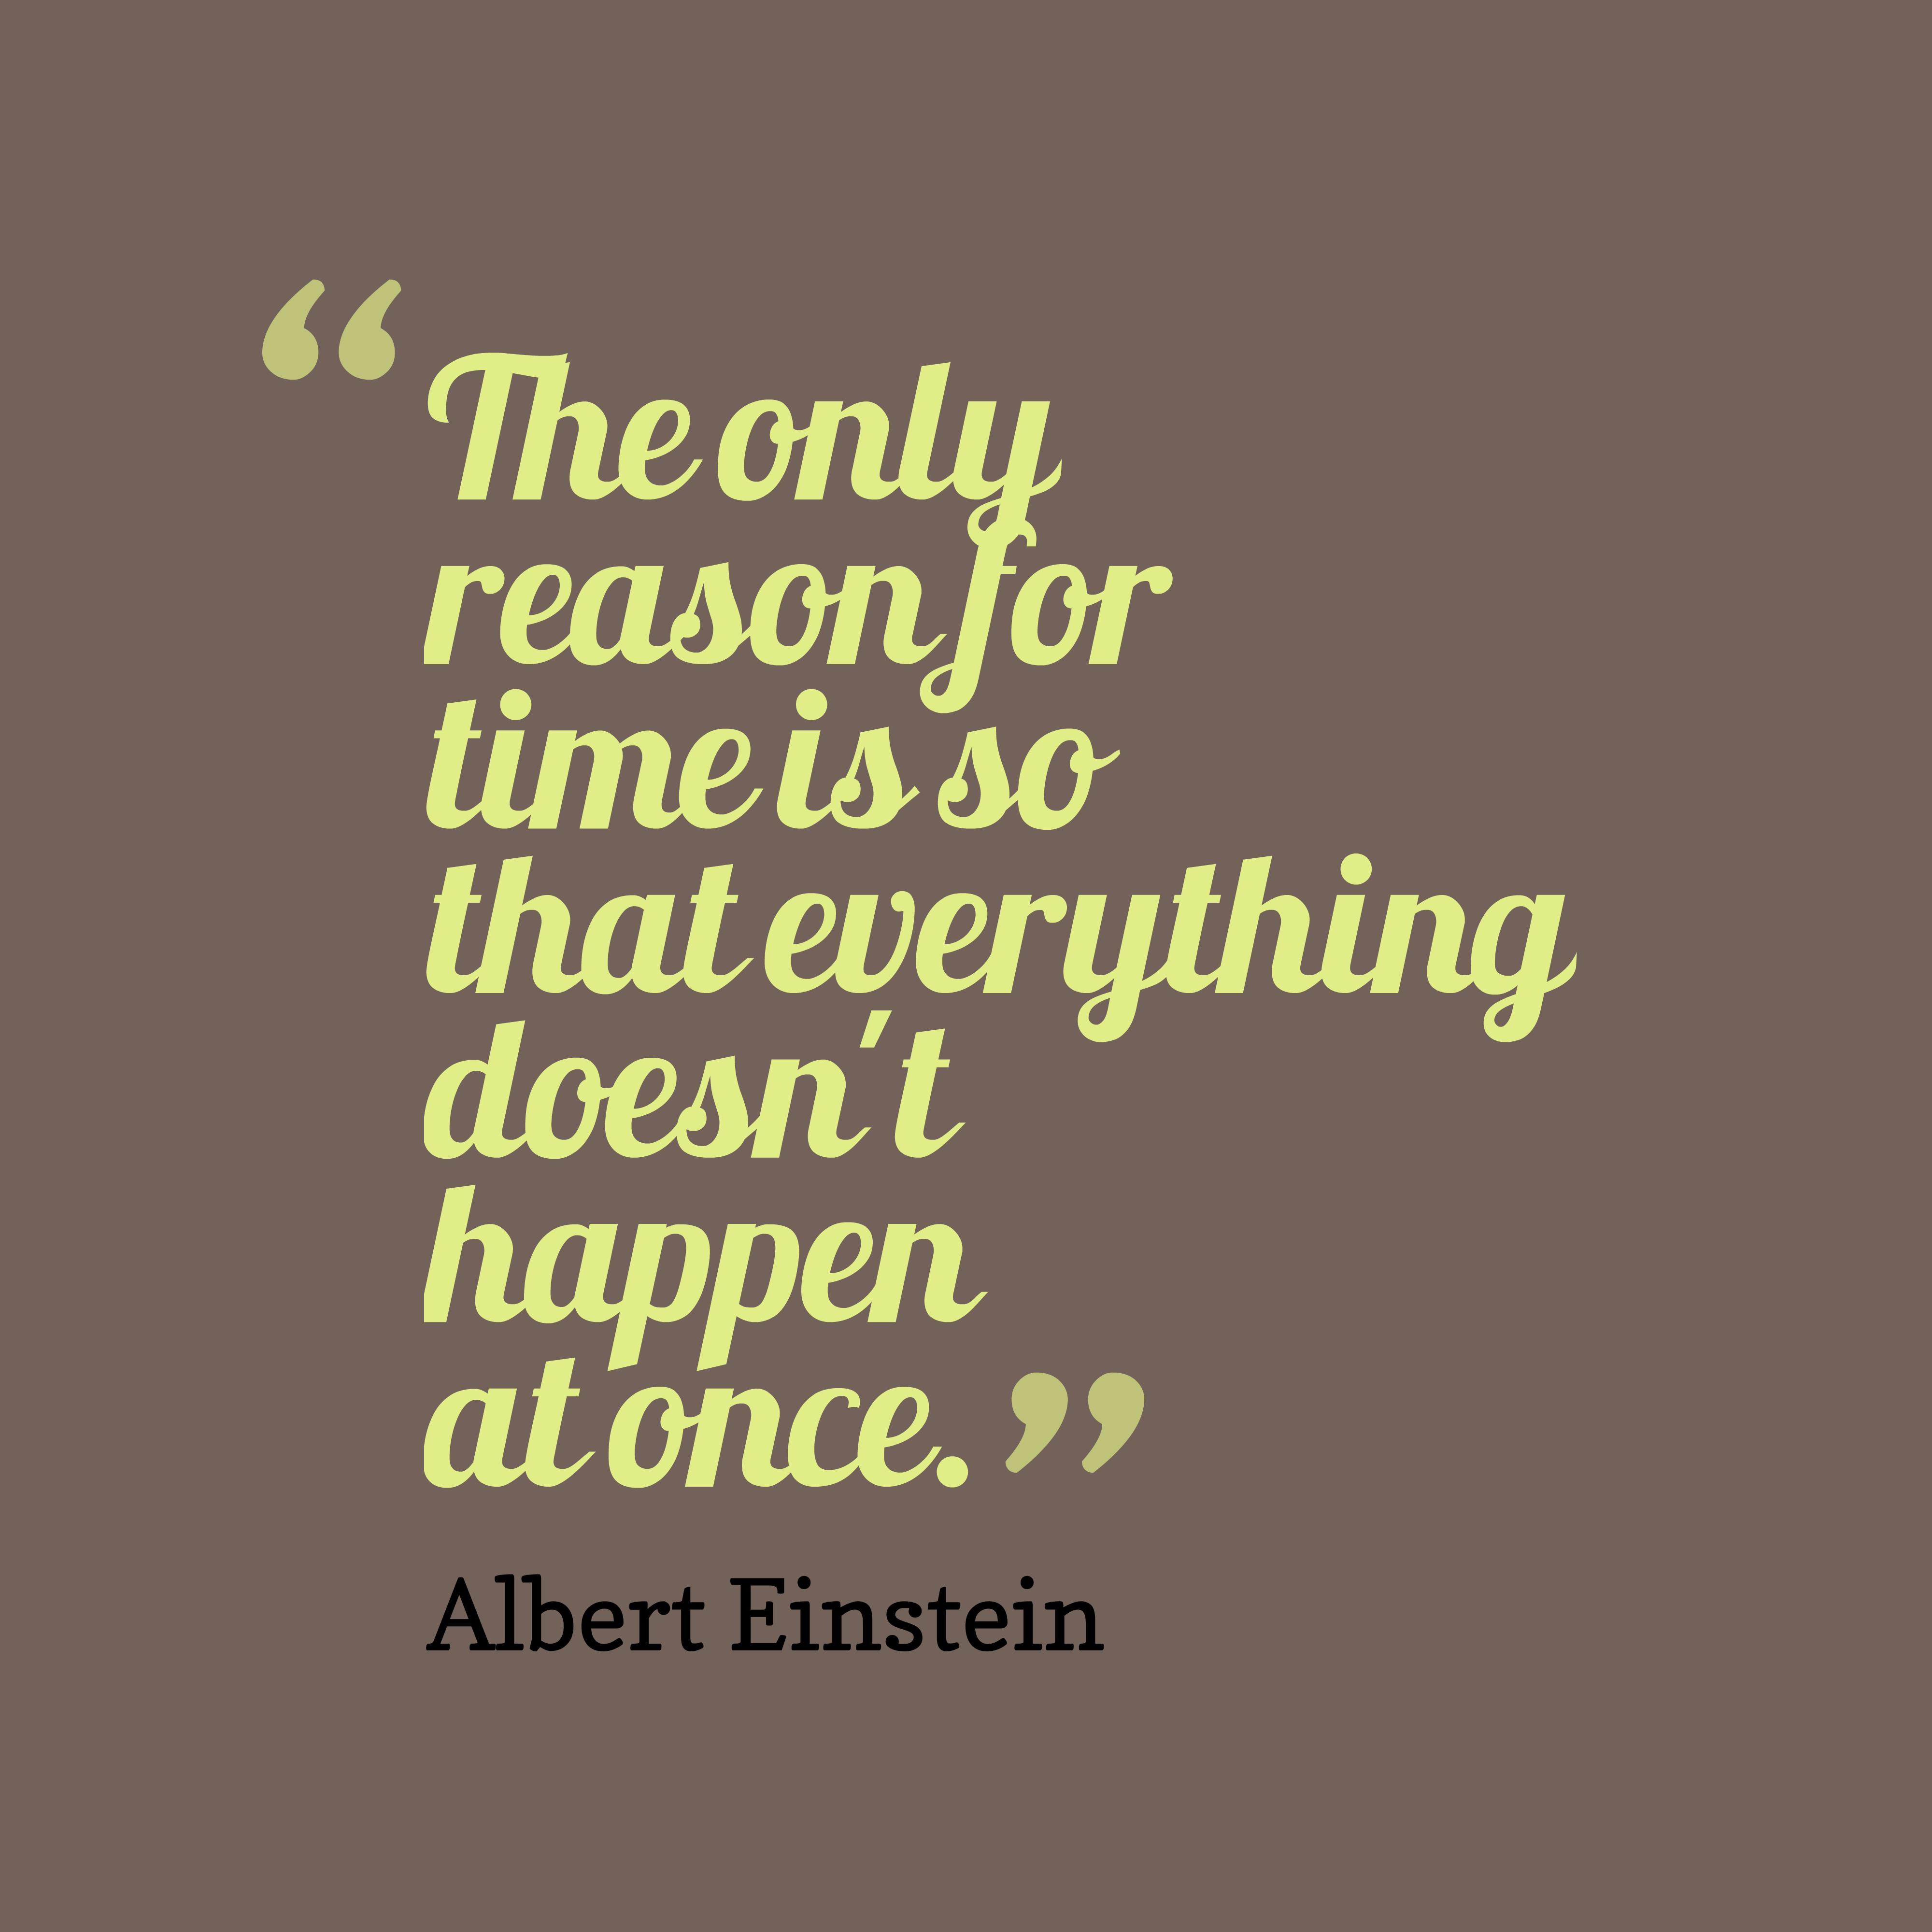 Albert Einstein Quotes About Reason